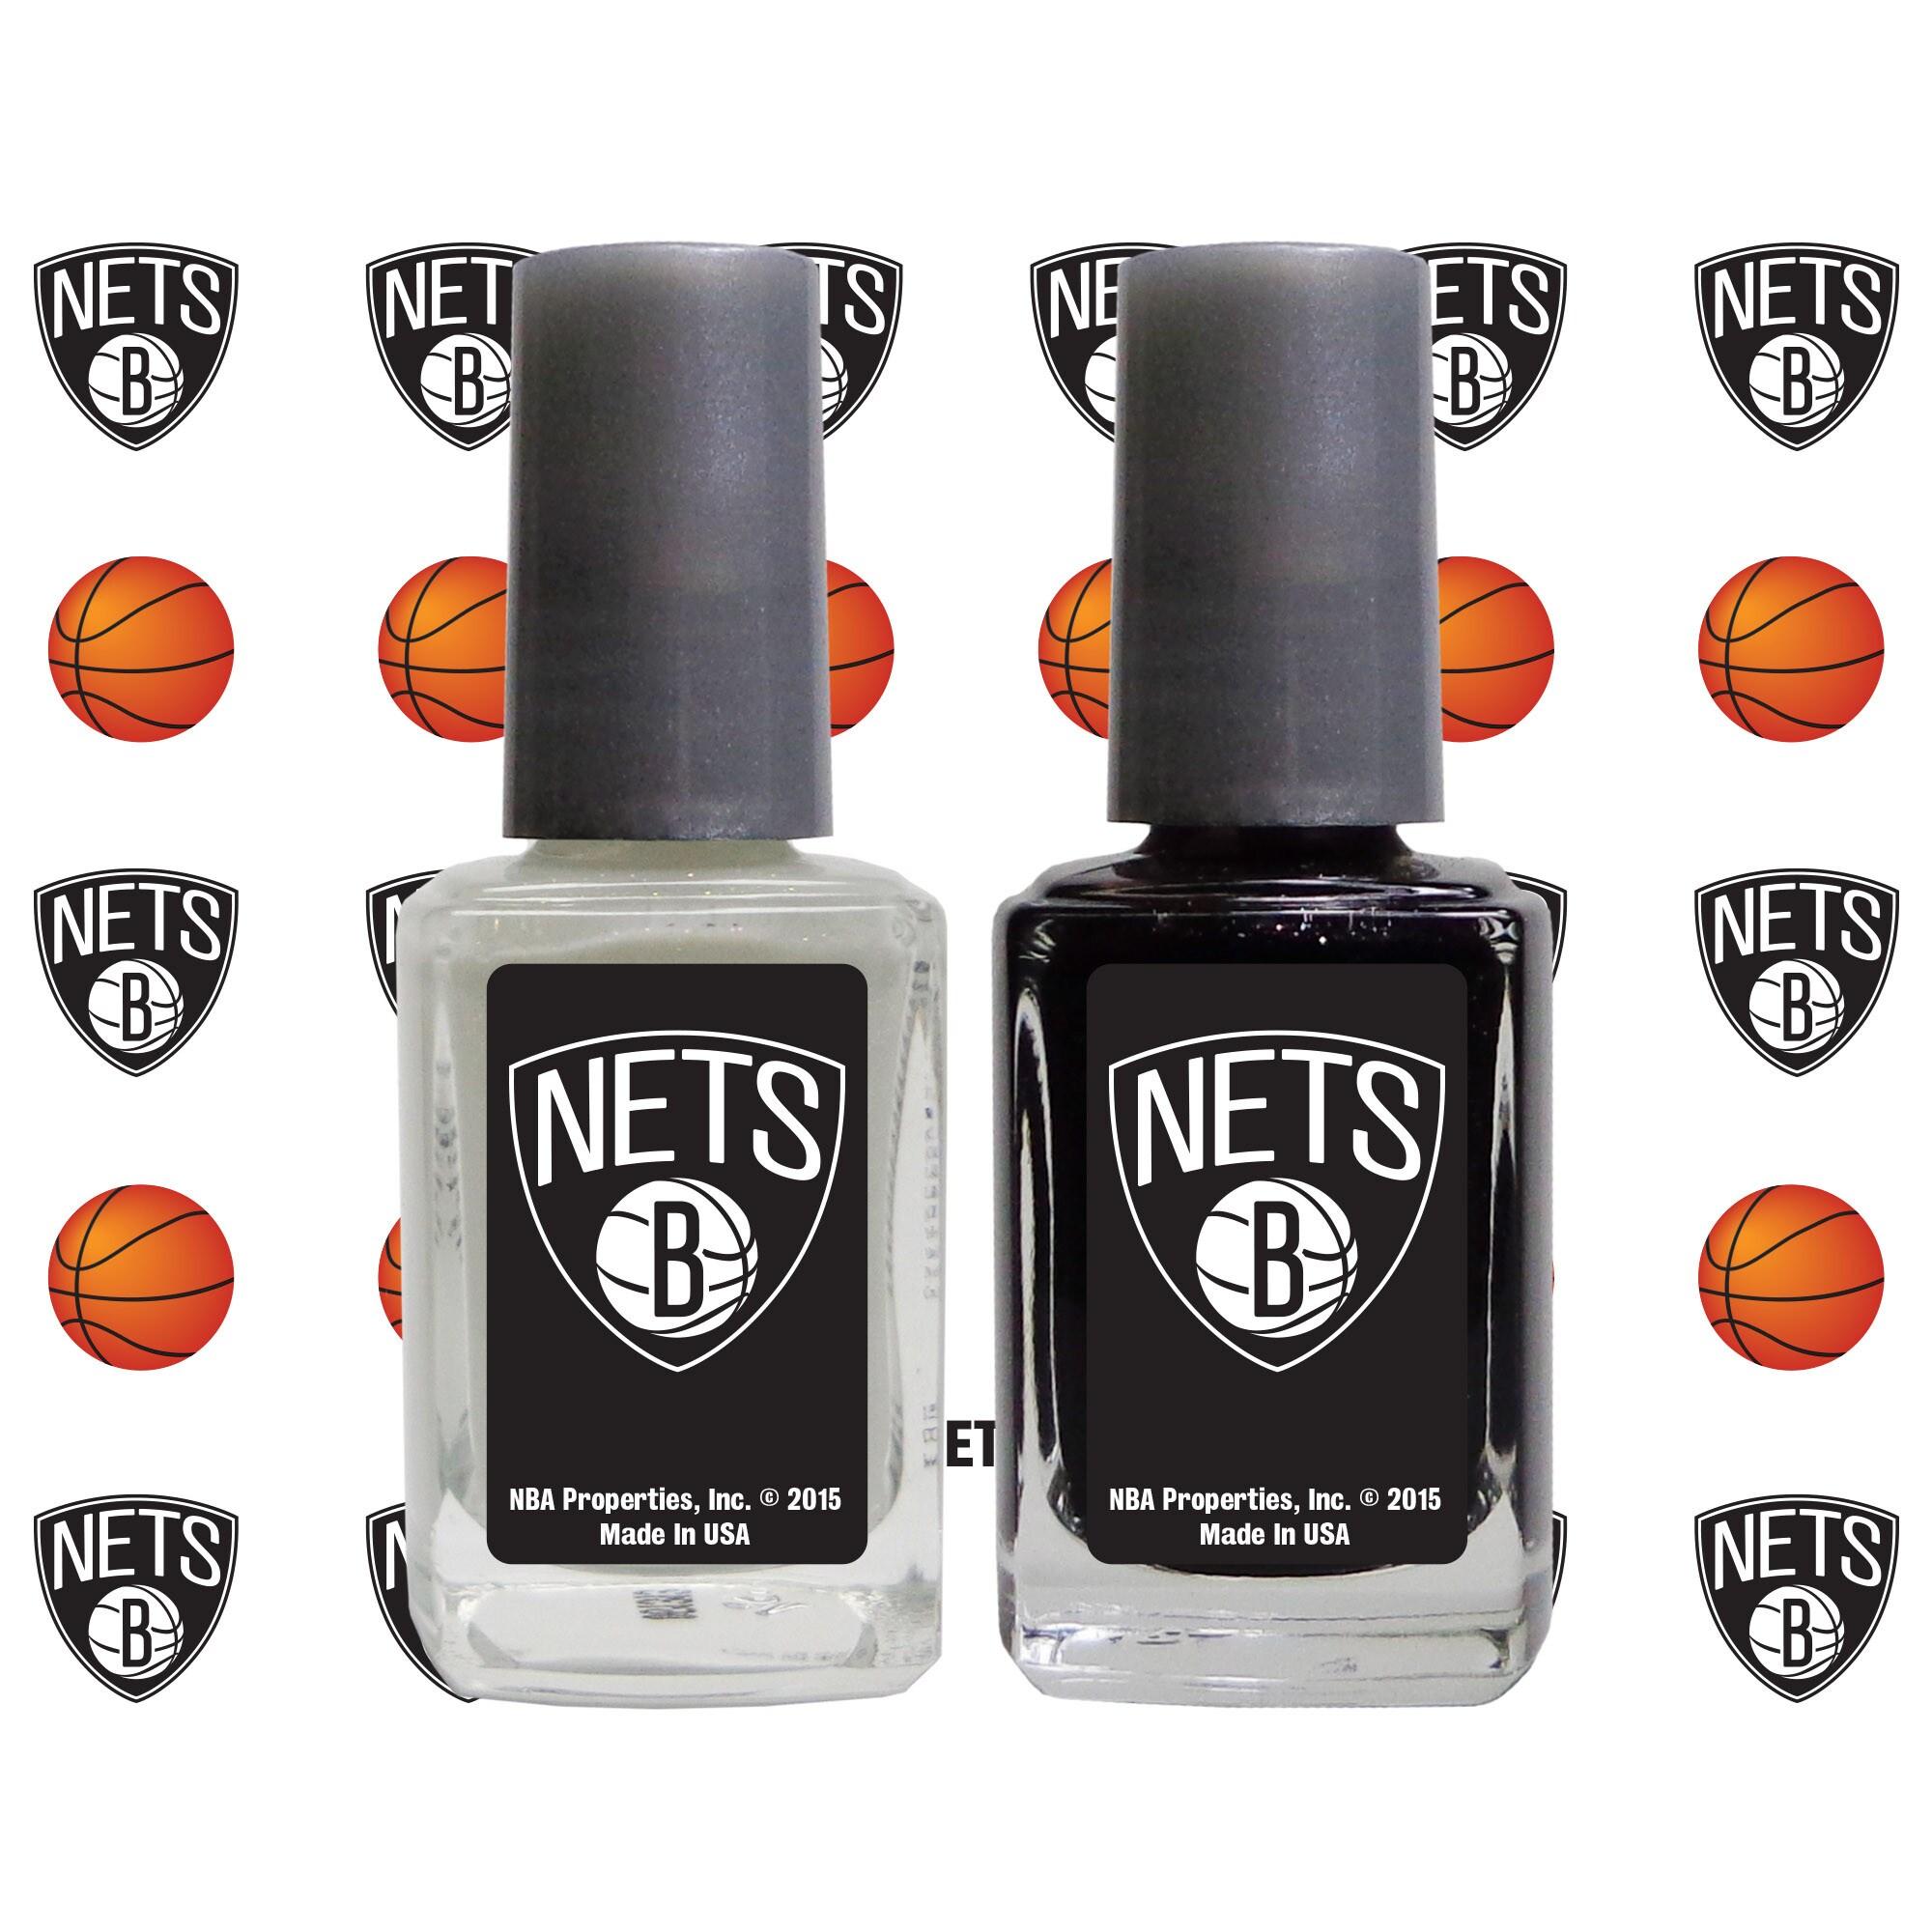 Brooklyn Nets 2-Pack Nail Polish with Nail Decal